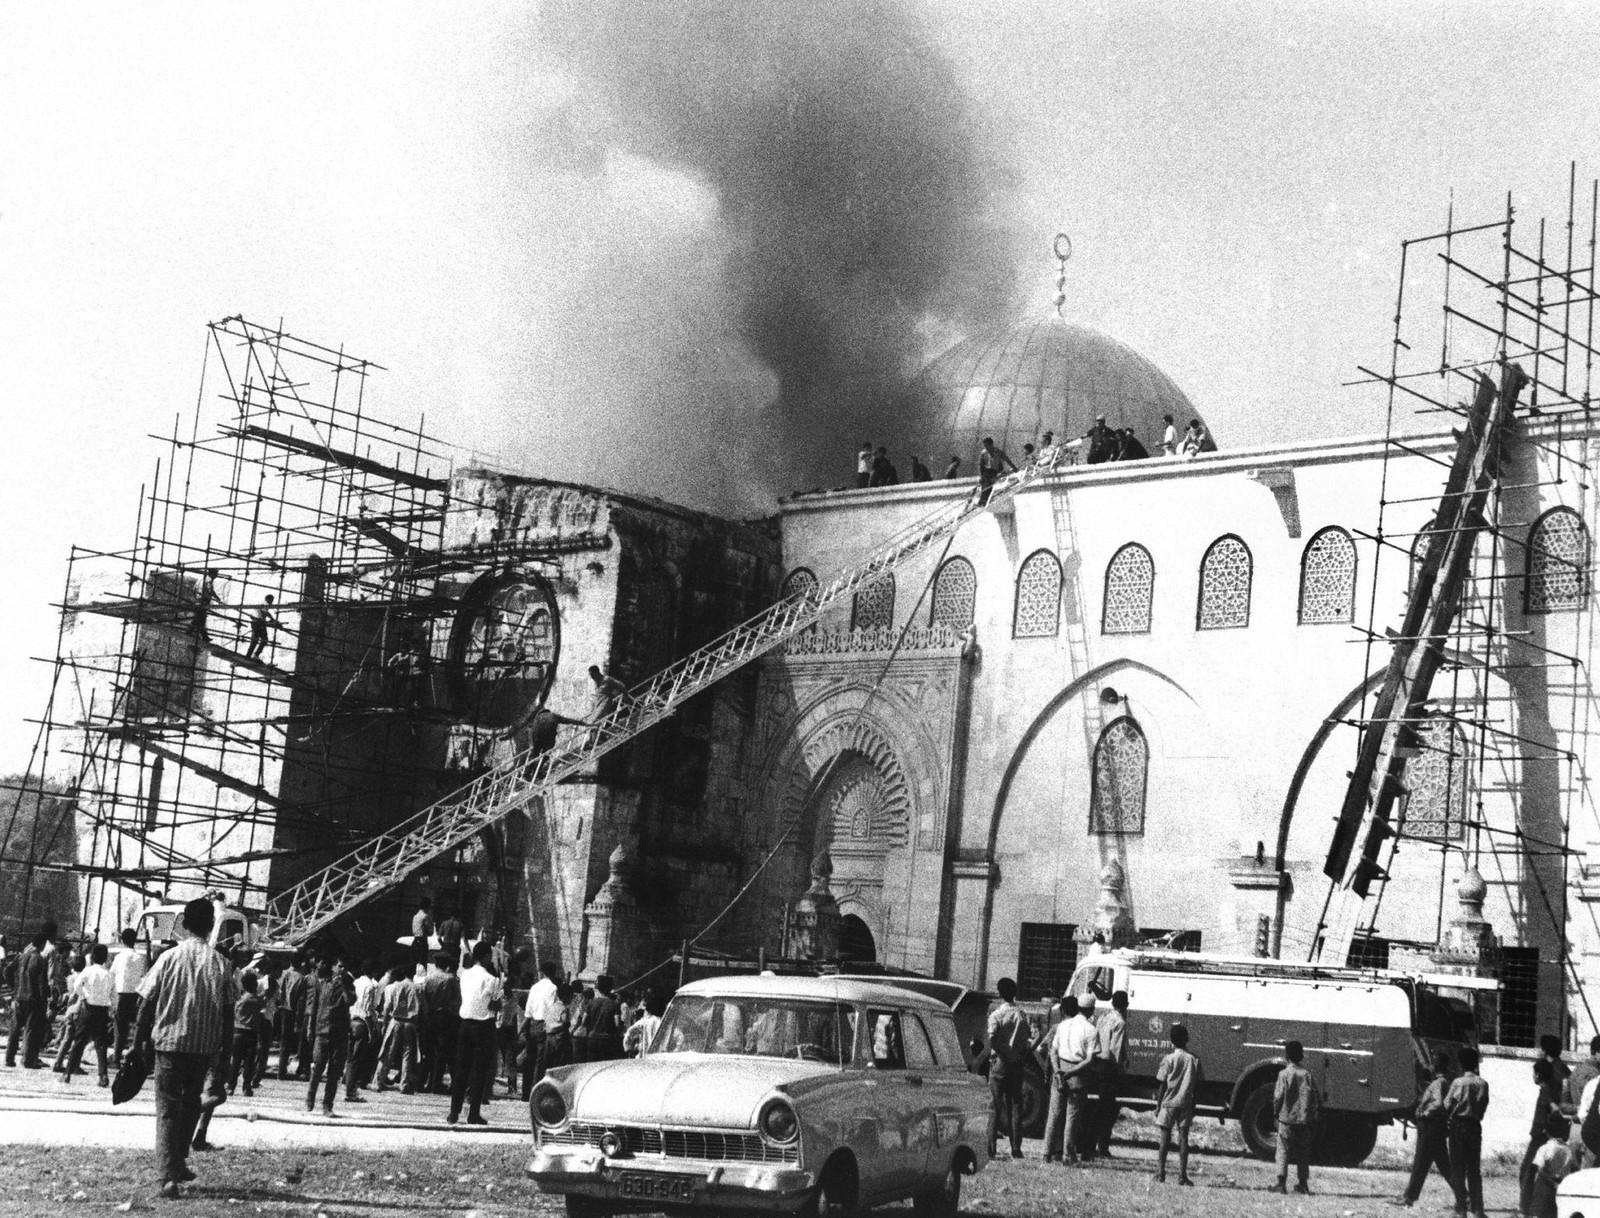 02. Толпа наблюдает за тем, как пожарные тушат пожар в мечети Аль-Акса. 21 августа